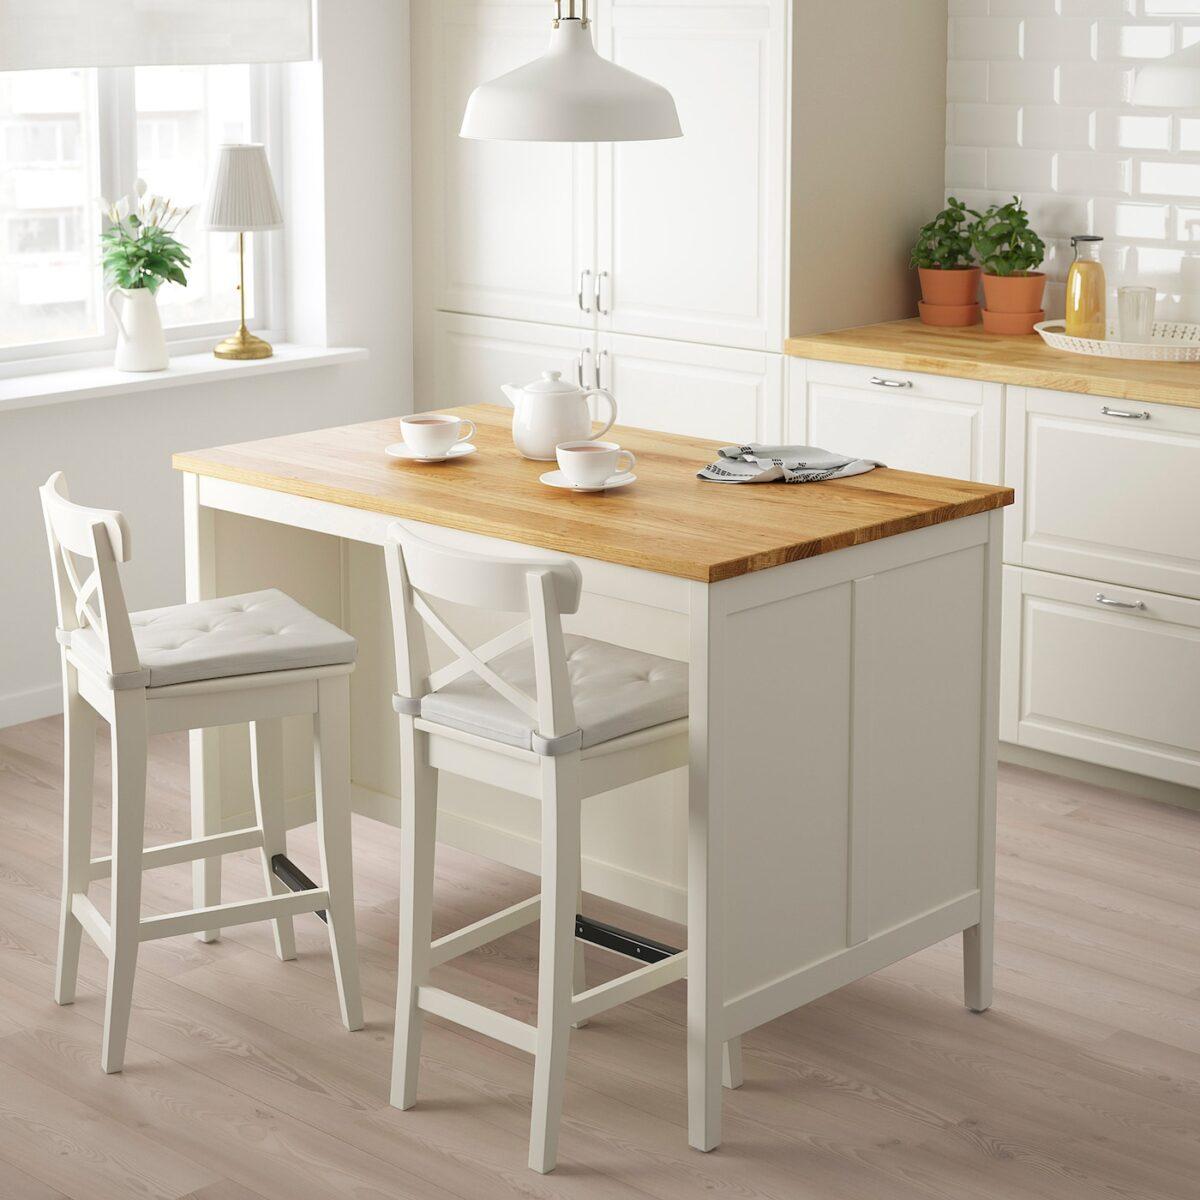 cucina-isola-IKEA-7